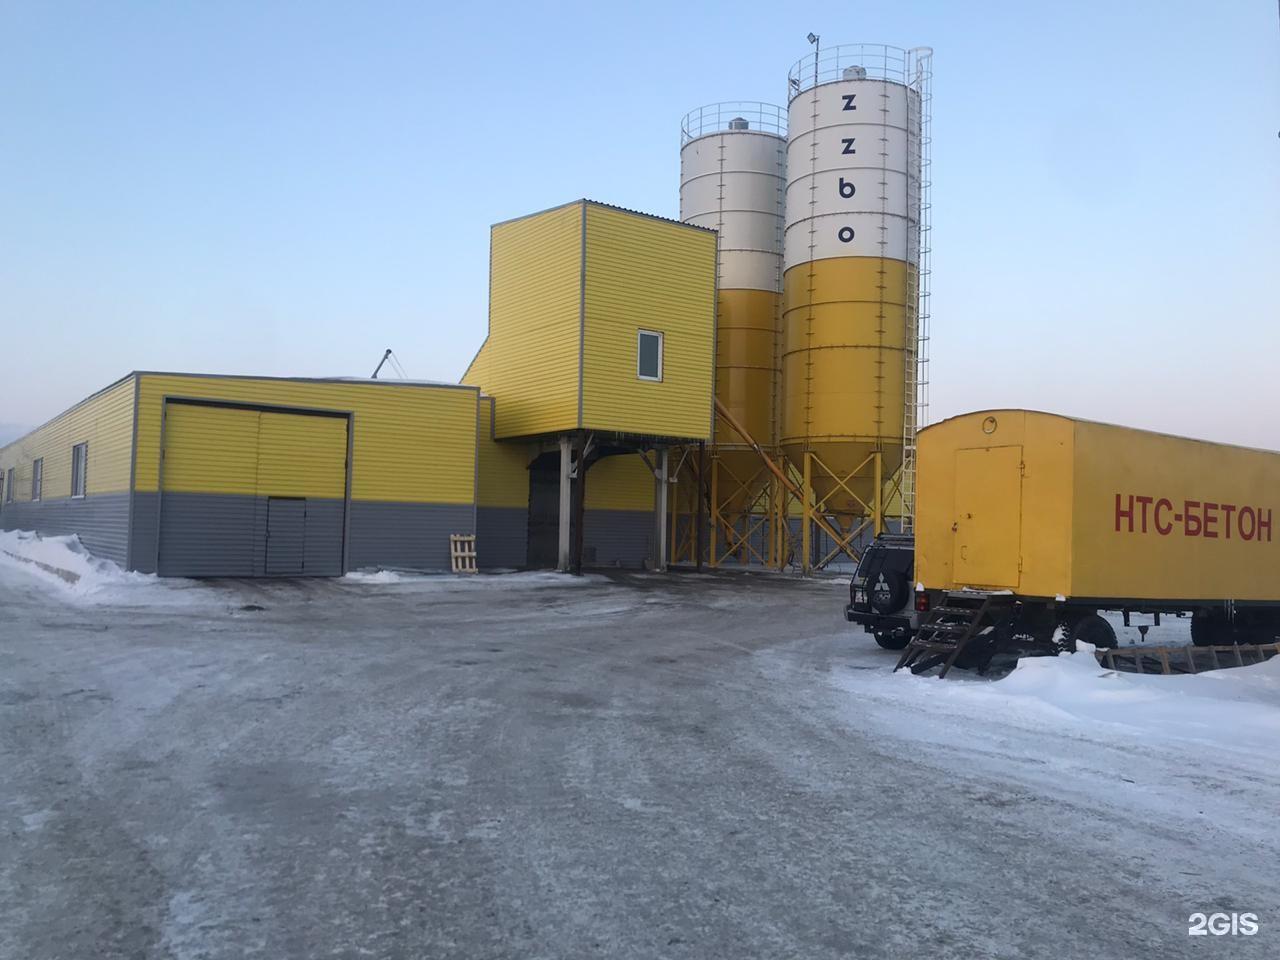 Нтс бетон петропавловск заказать бетон в санкт петербурге